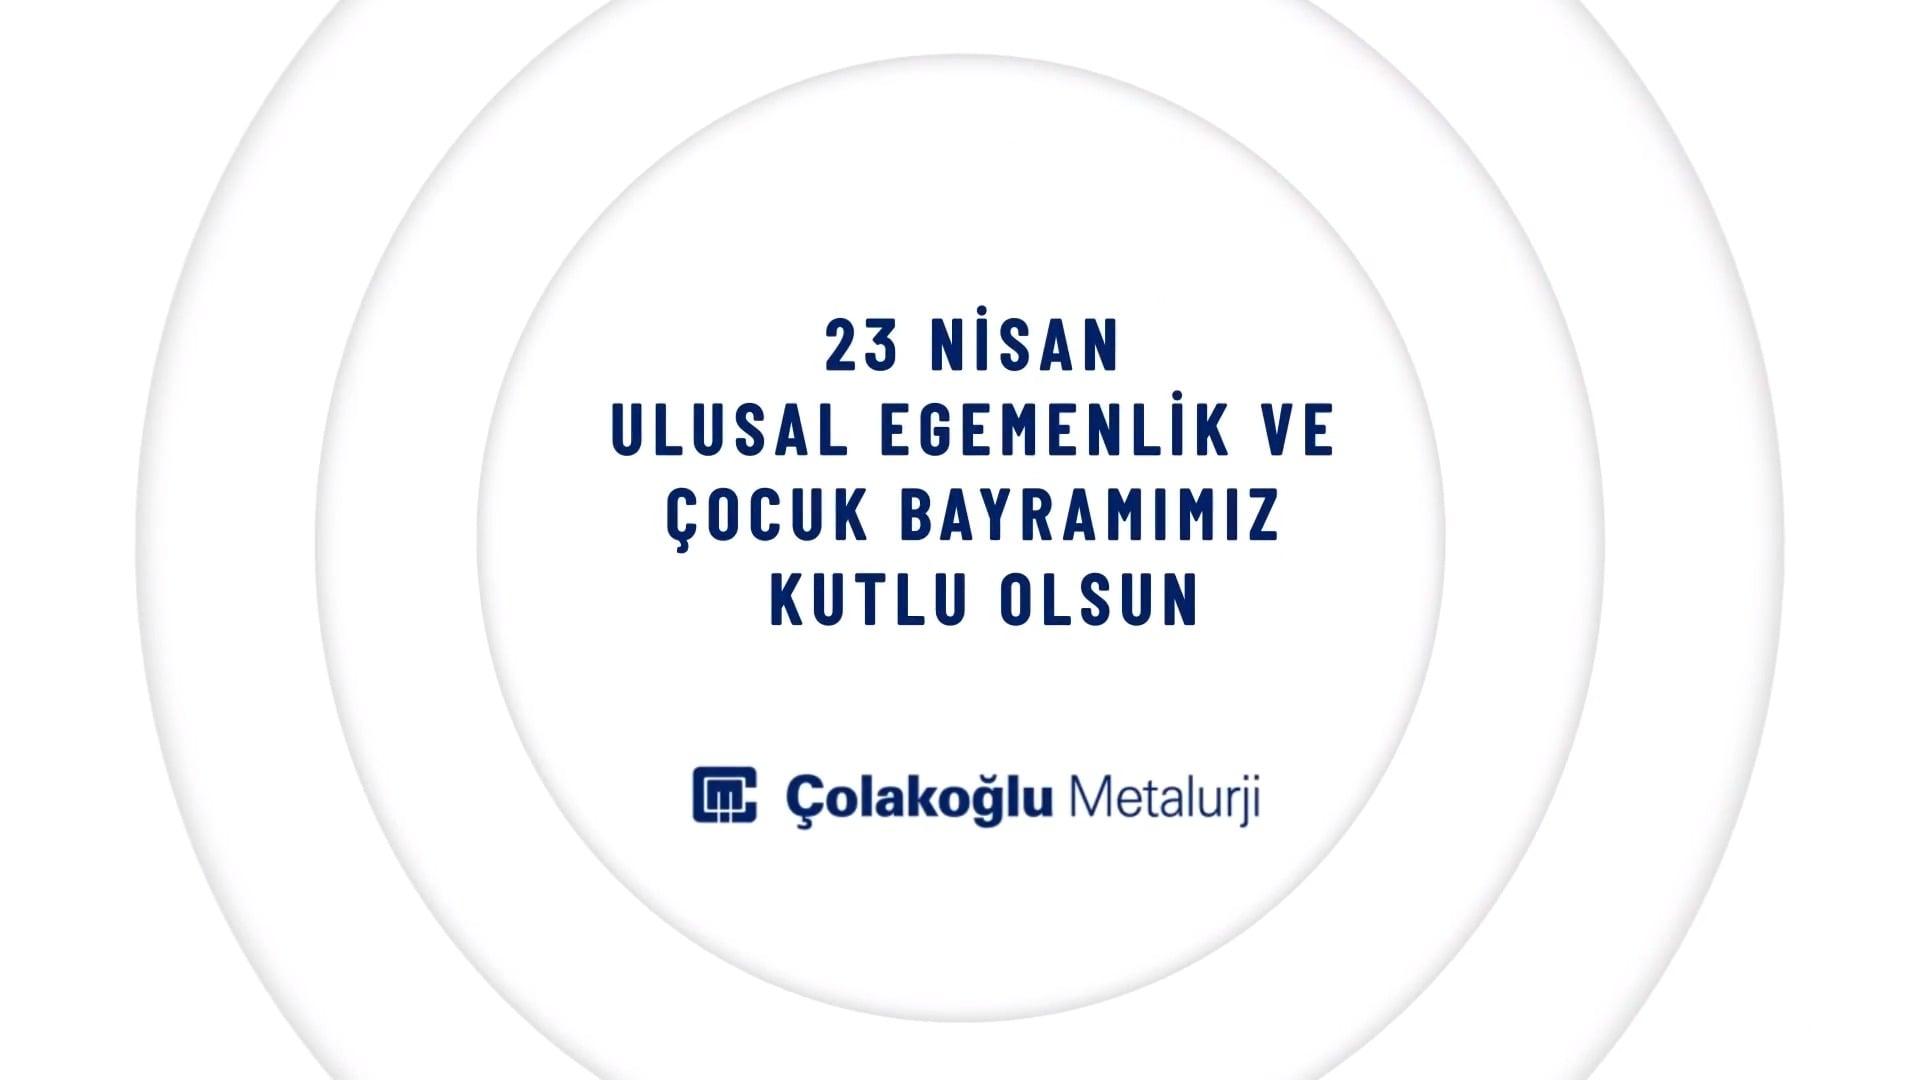 Çolakoğlu Metalurjı A.Ş.